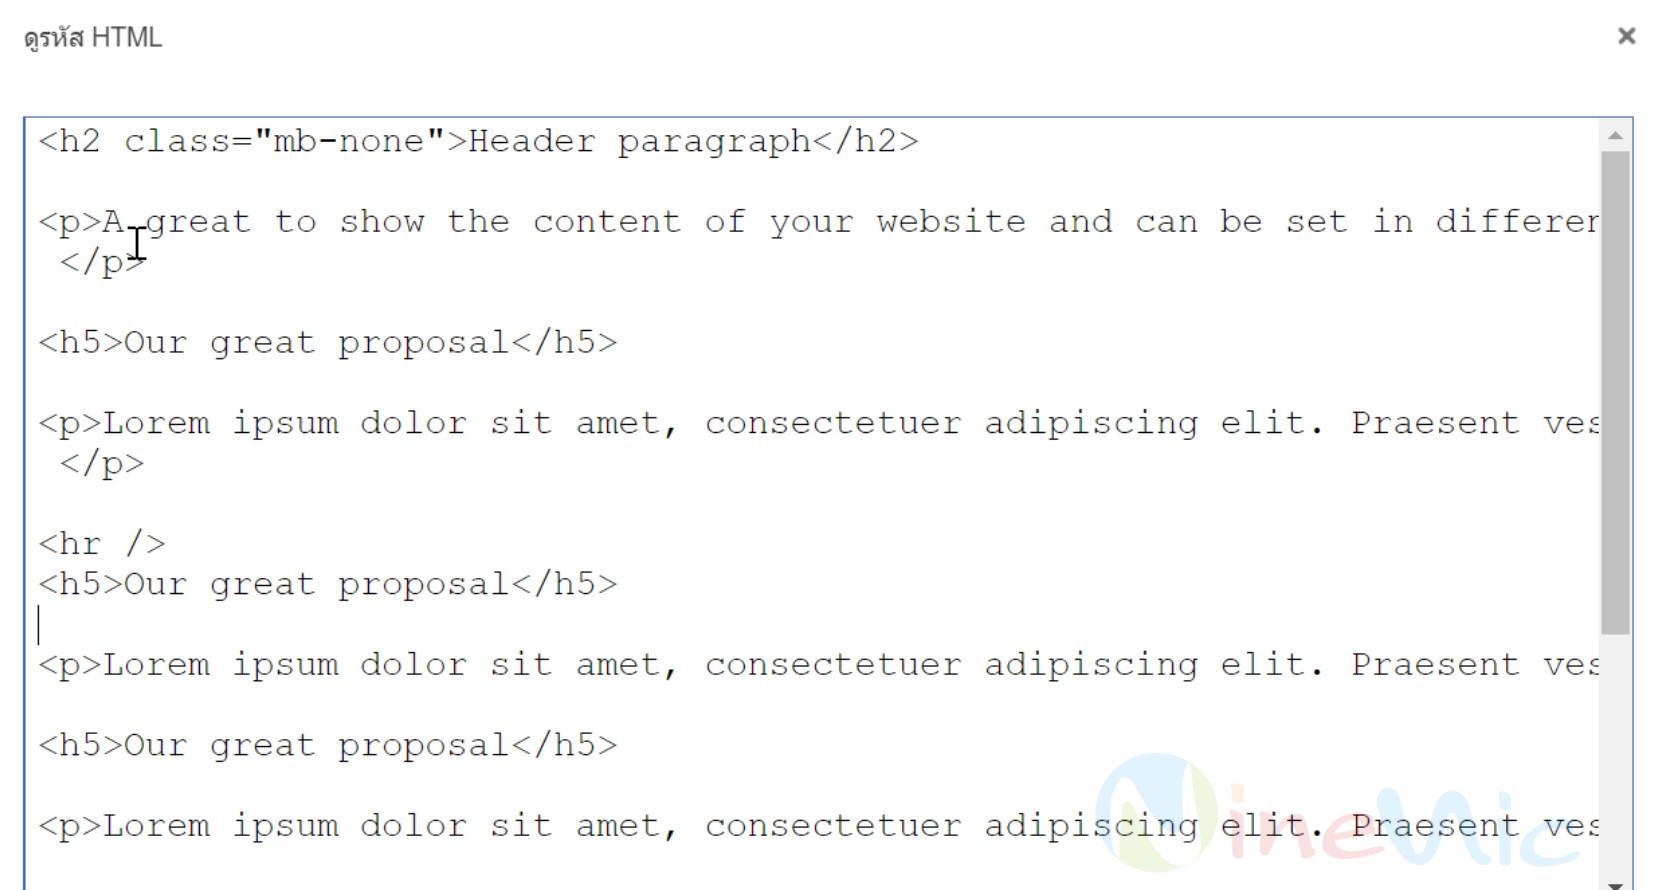 คู่มือเว็บไซต์สำเร็จรูป ninenic - webeditor การใส่เส้นคั่นบบรทัด โดยใช้ hrml code